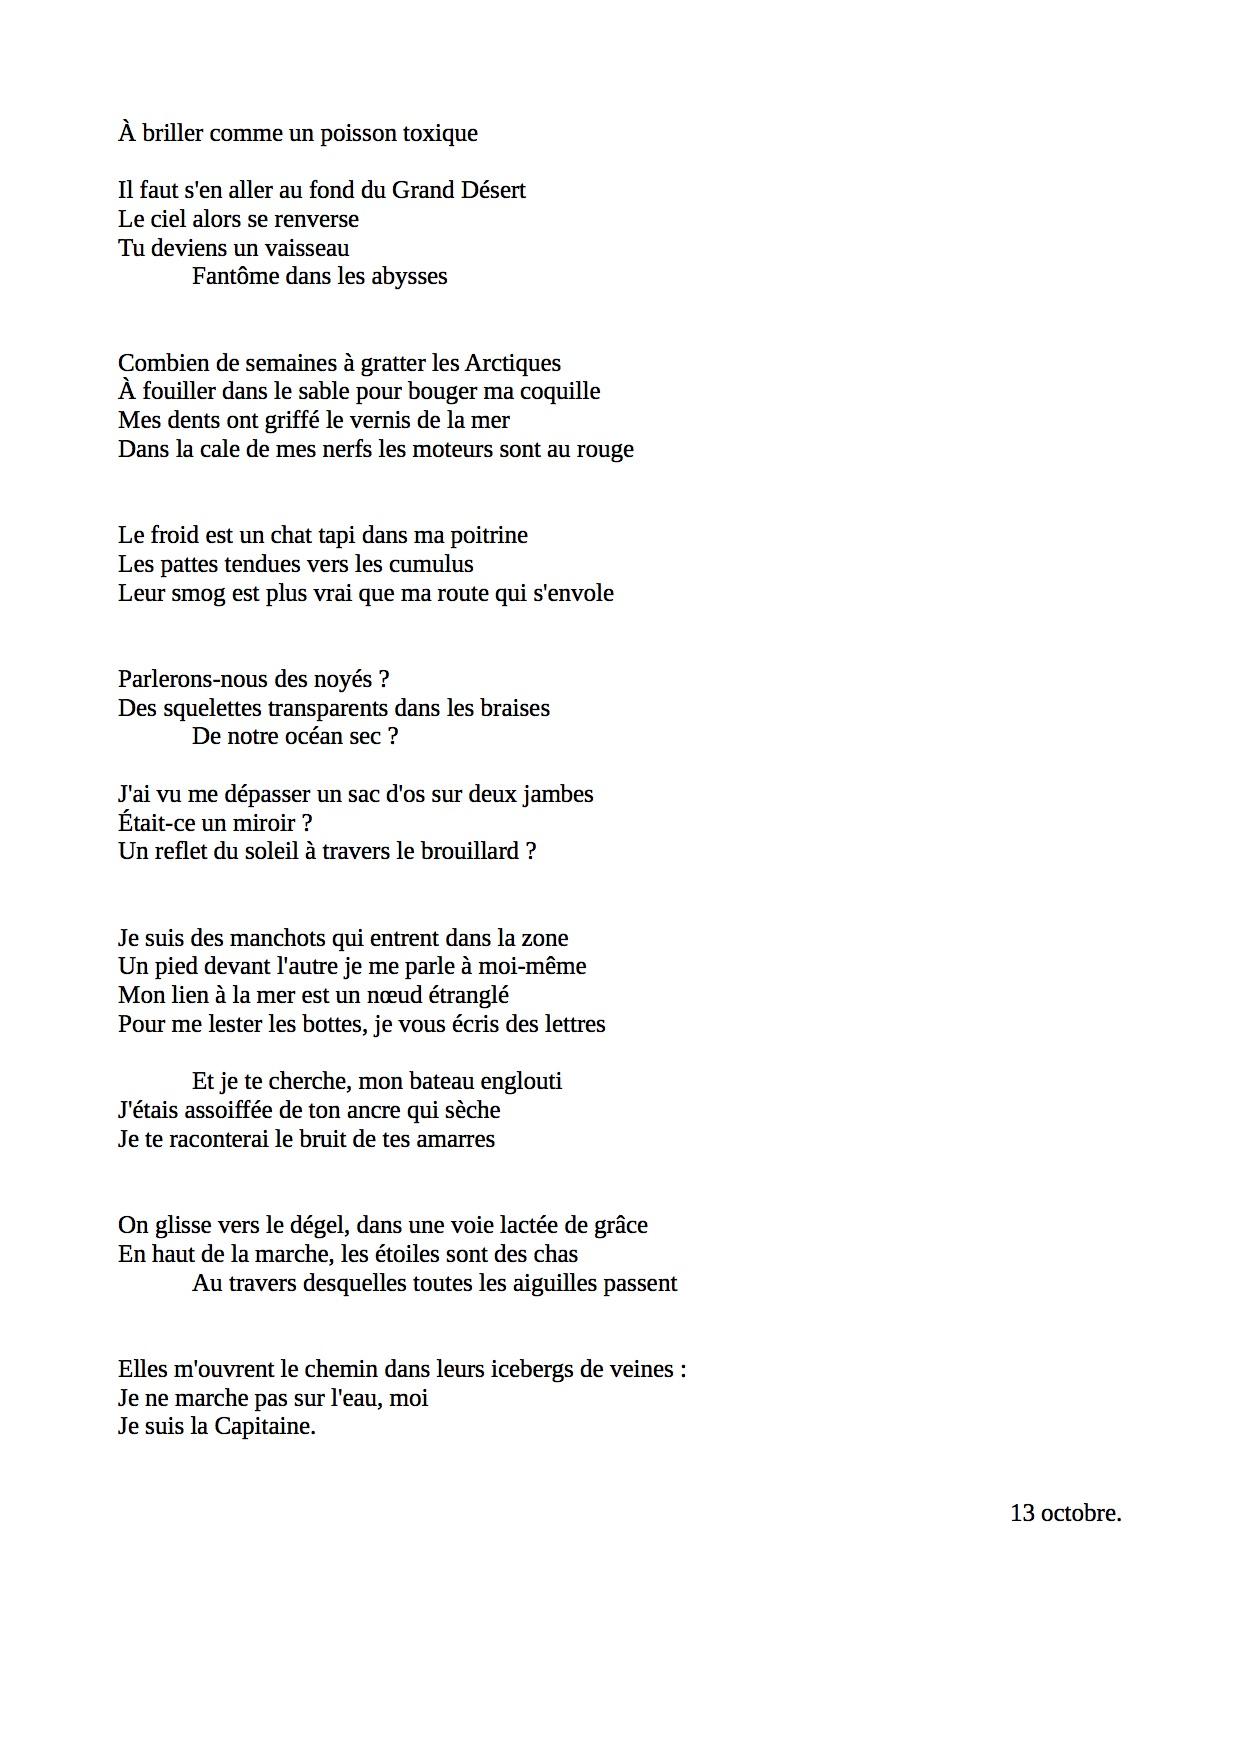 La Capitaine (poème) 2